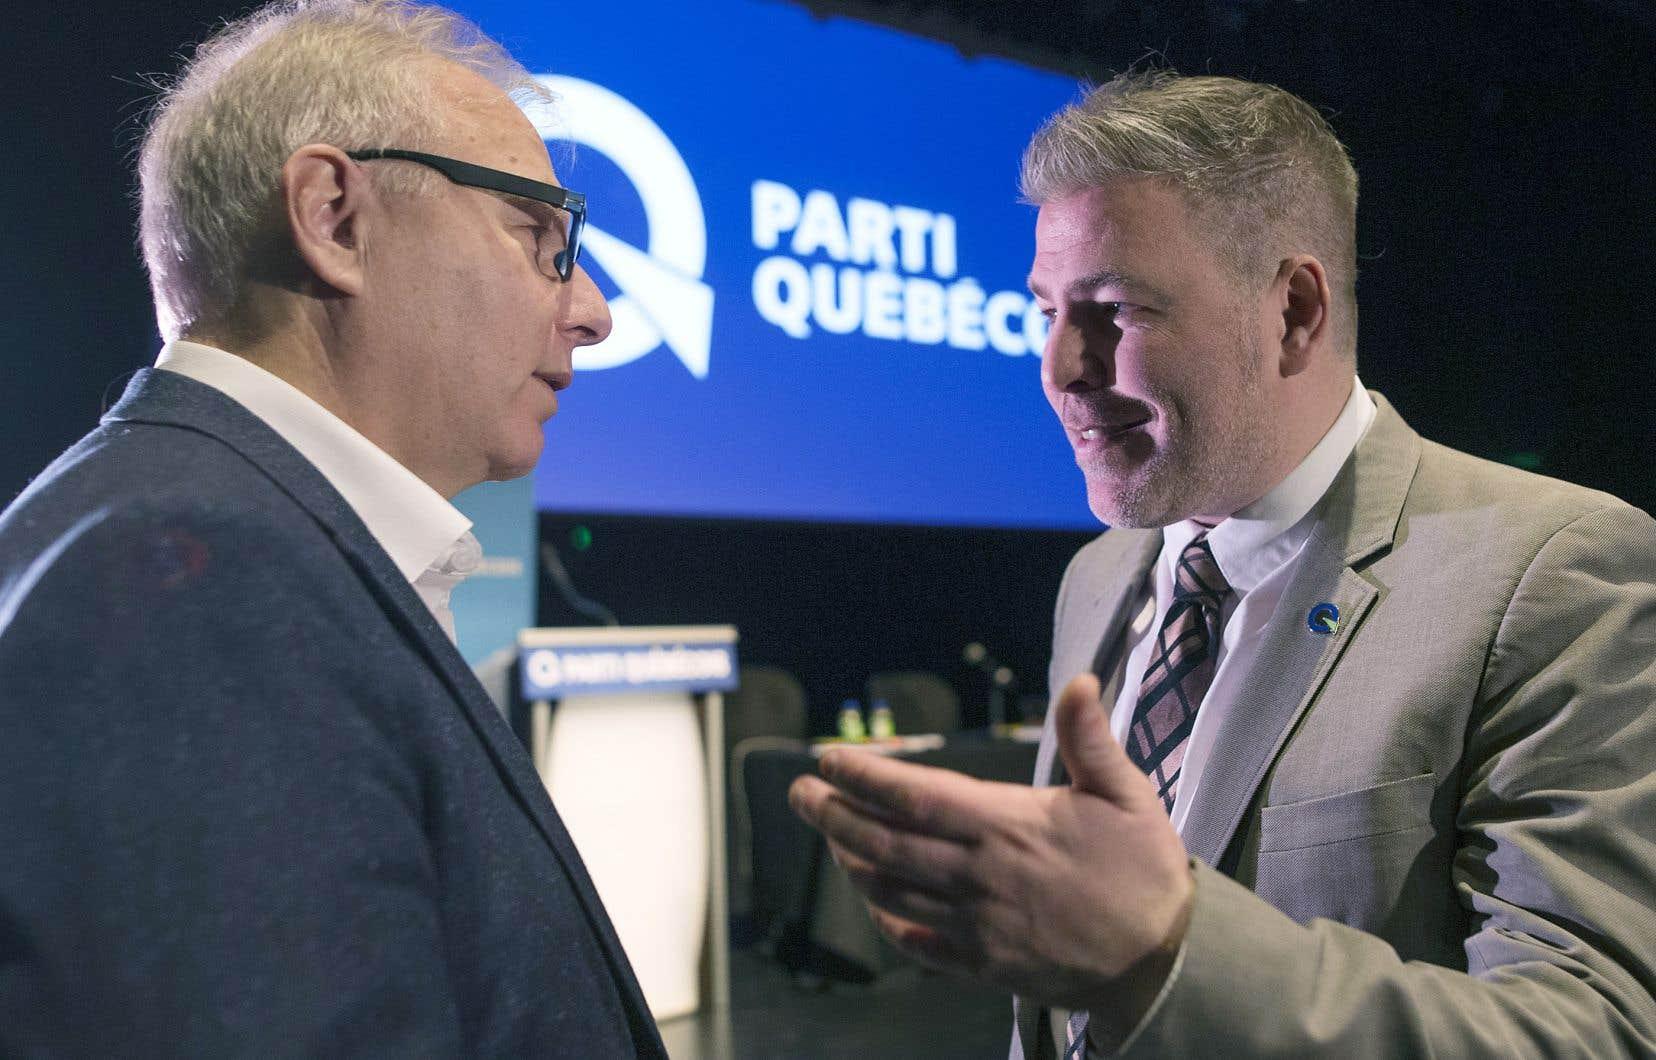 Le chef intérimaire du PQ, Pascal Bérubé, en discusion avec Jean-François Lisée lors du bilan de la campagne électorale organisé par l'état-major du parti au collège de Maisonneuve samedi après-midi